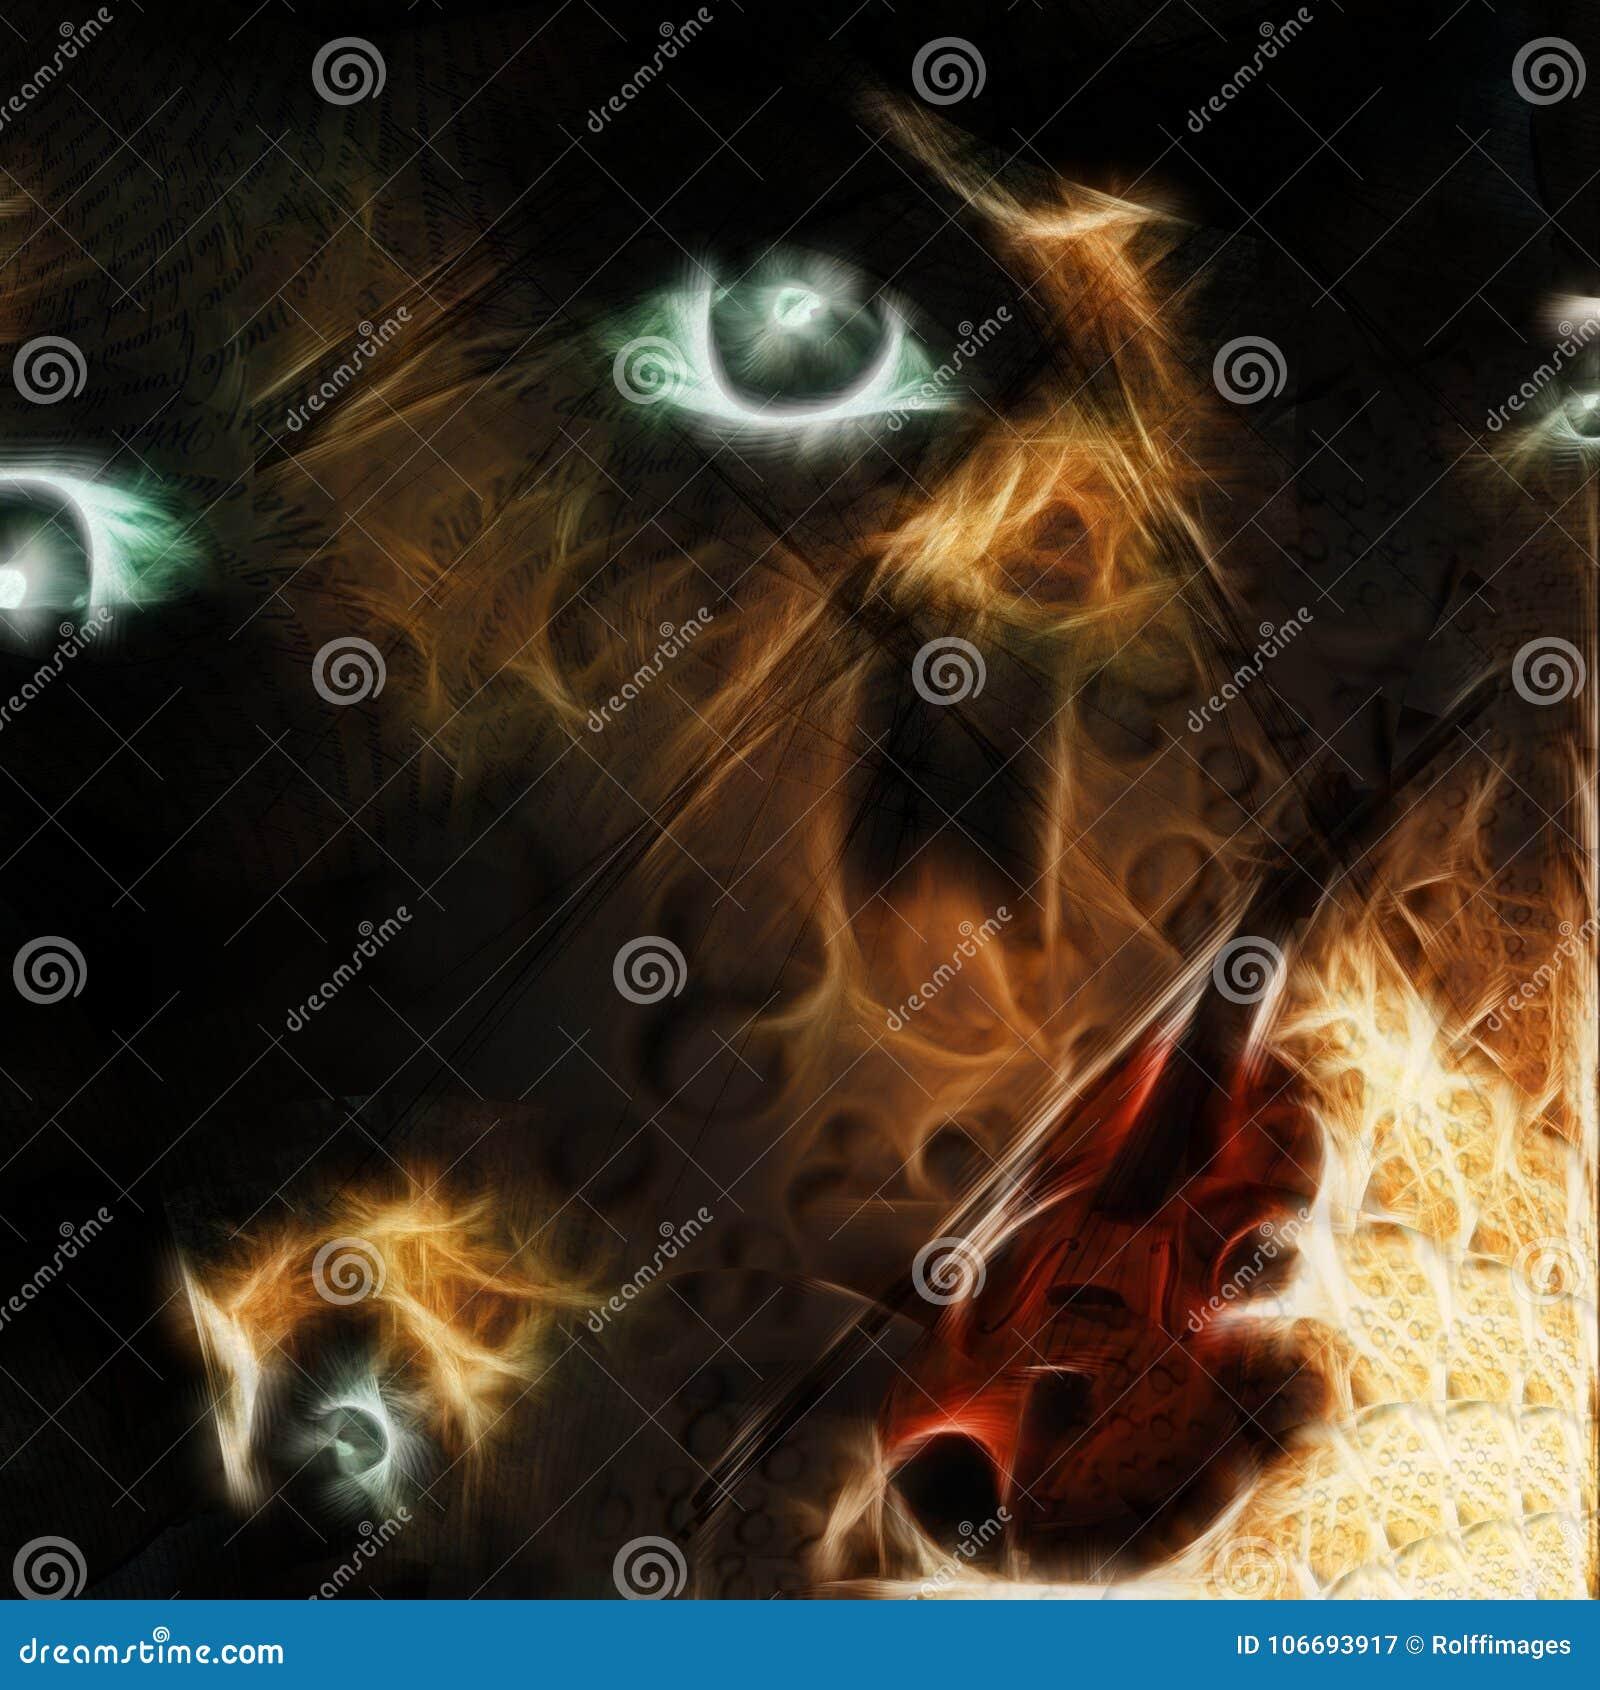 Eternal Music stock illustration  Illustration of eternal - 106693917